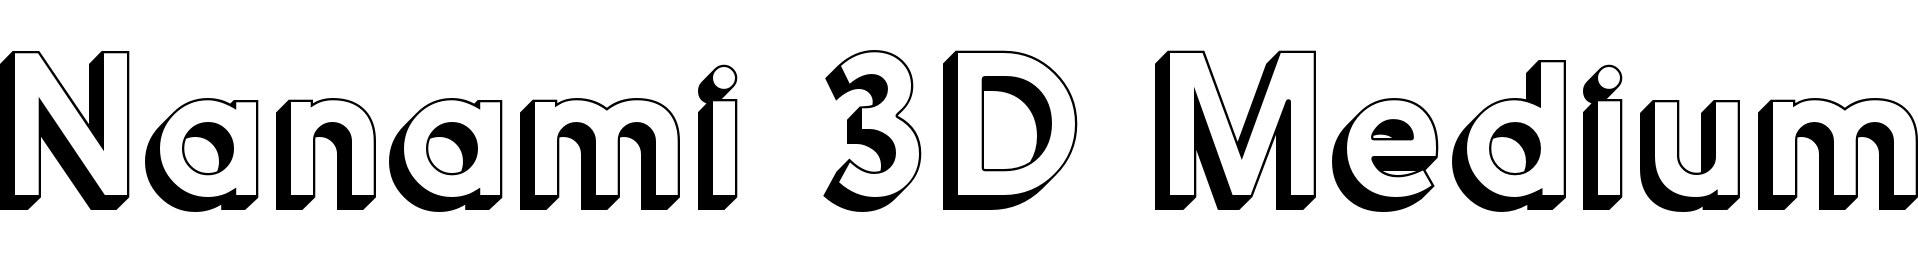 Nanami 3D Medium